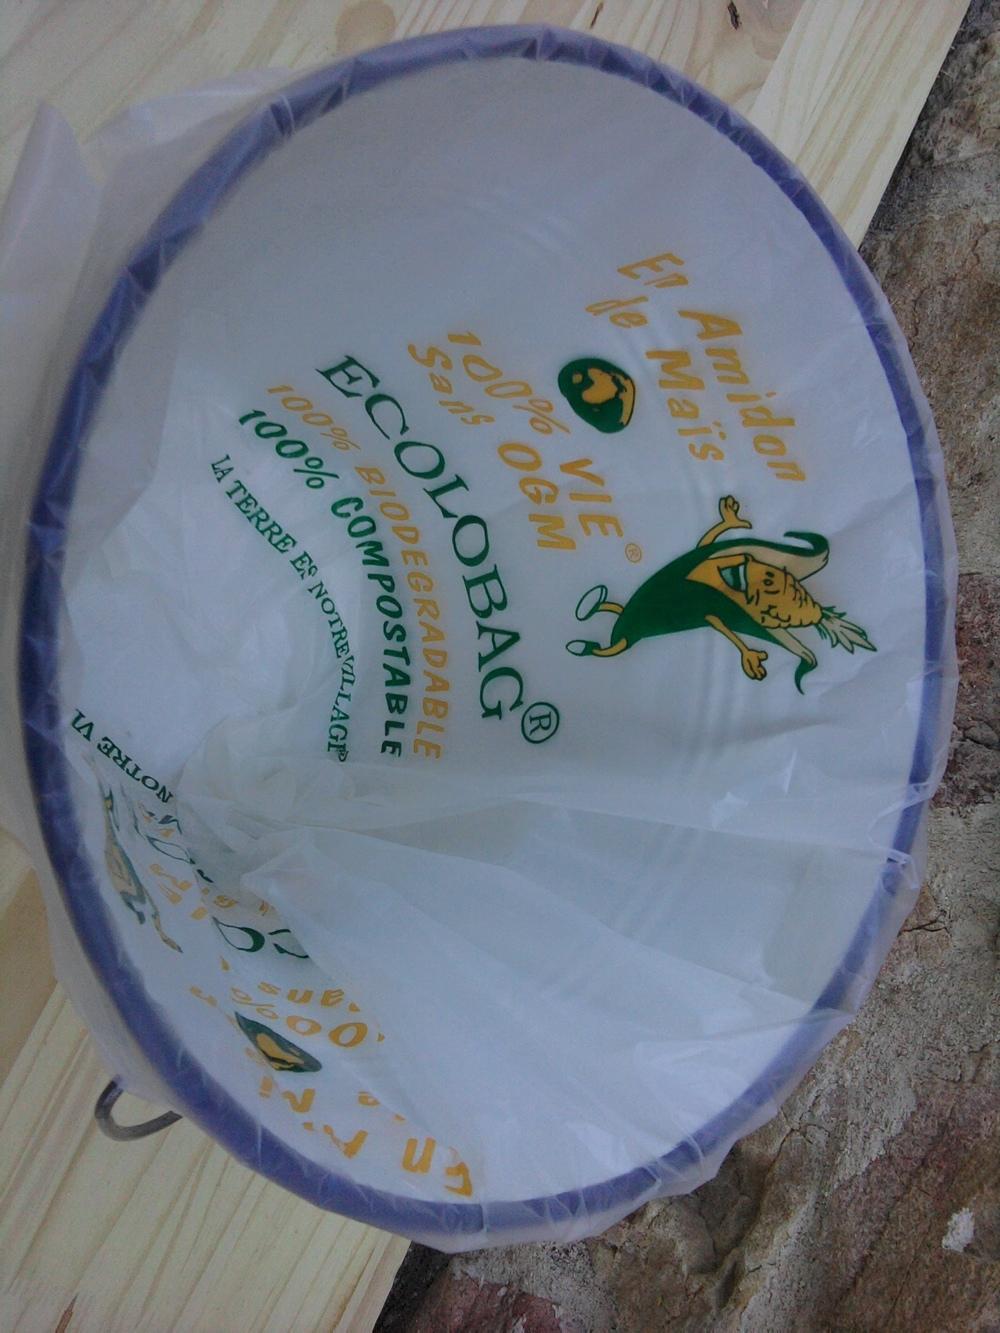 sacs bio compostables pour toilette seche sac poubelle. Black Bedroom Furniture Sets. Home Design Ideas